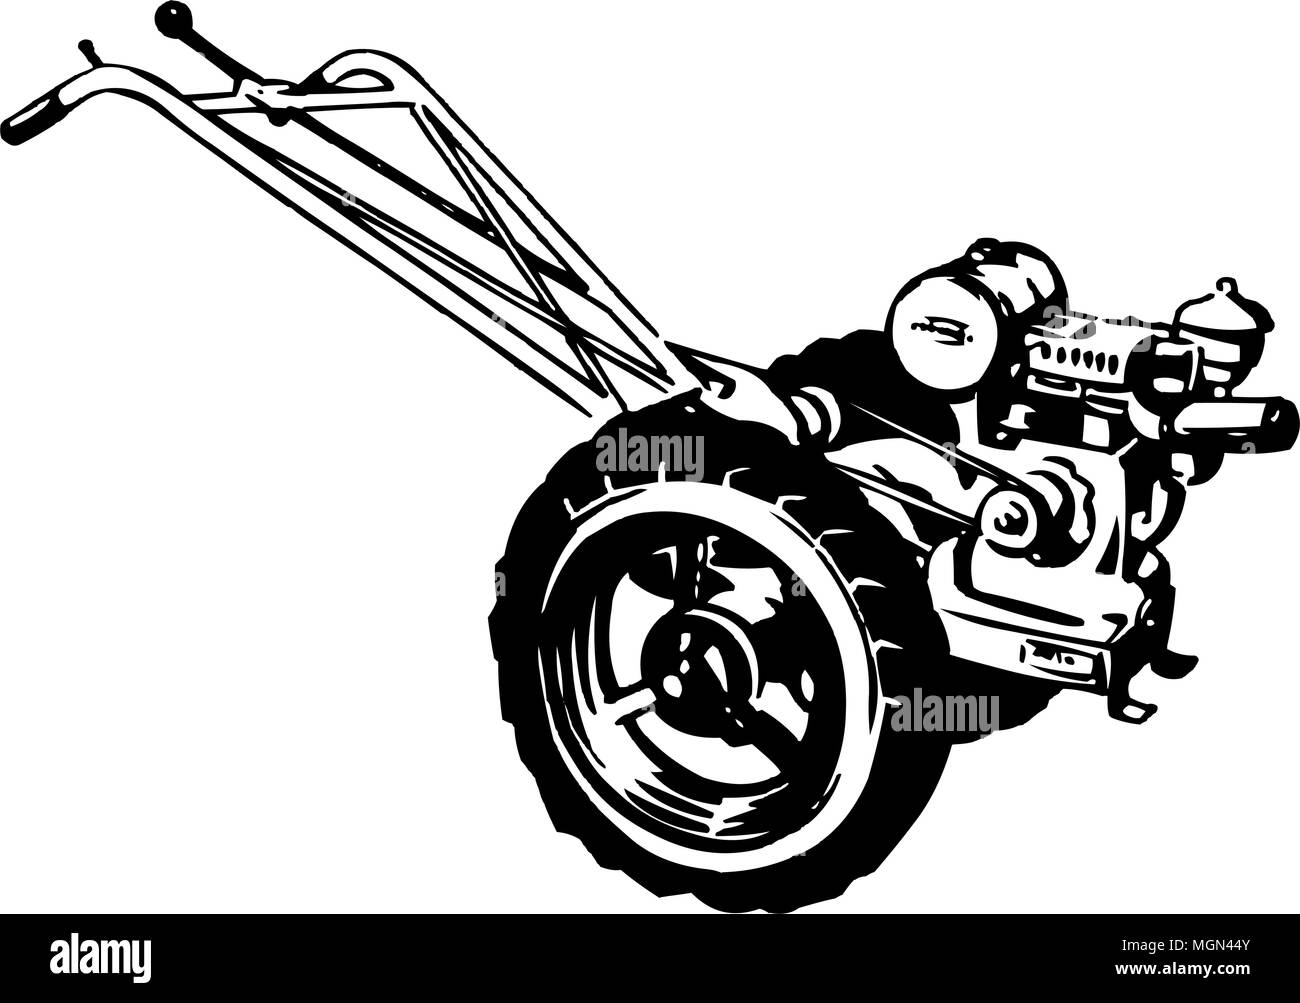 Tiller - Retro Clipart Illustration Stock Vector